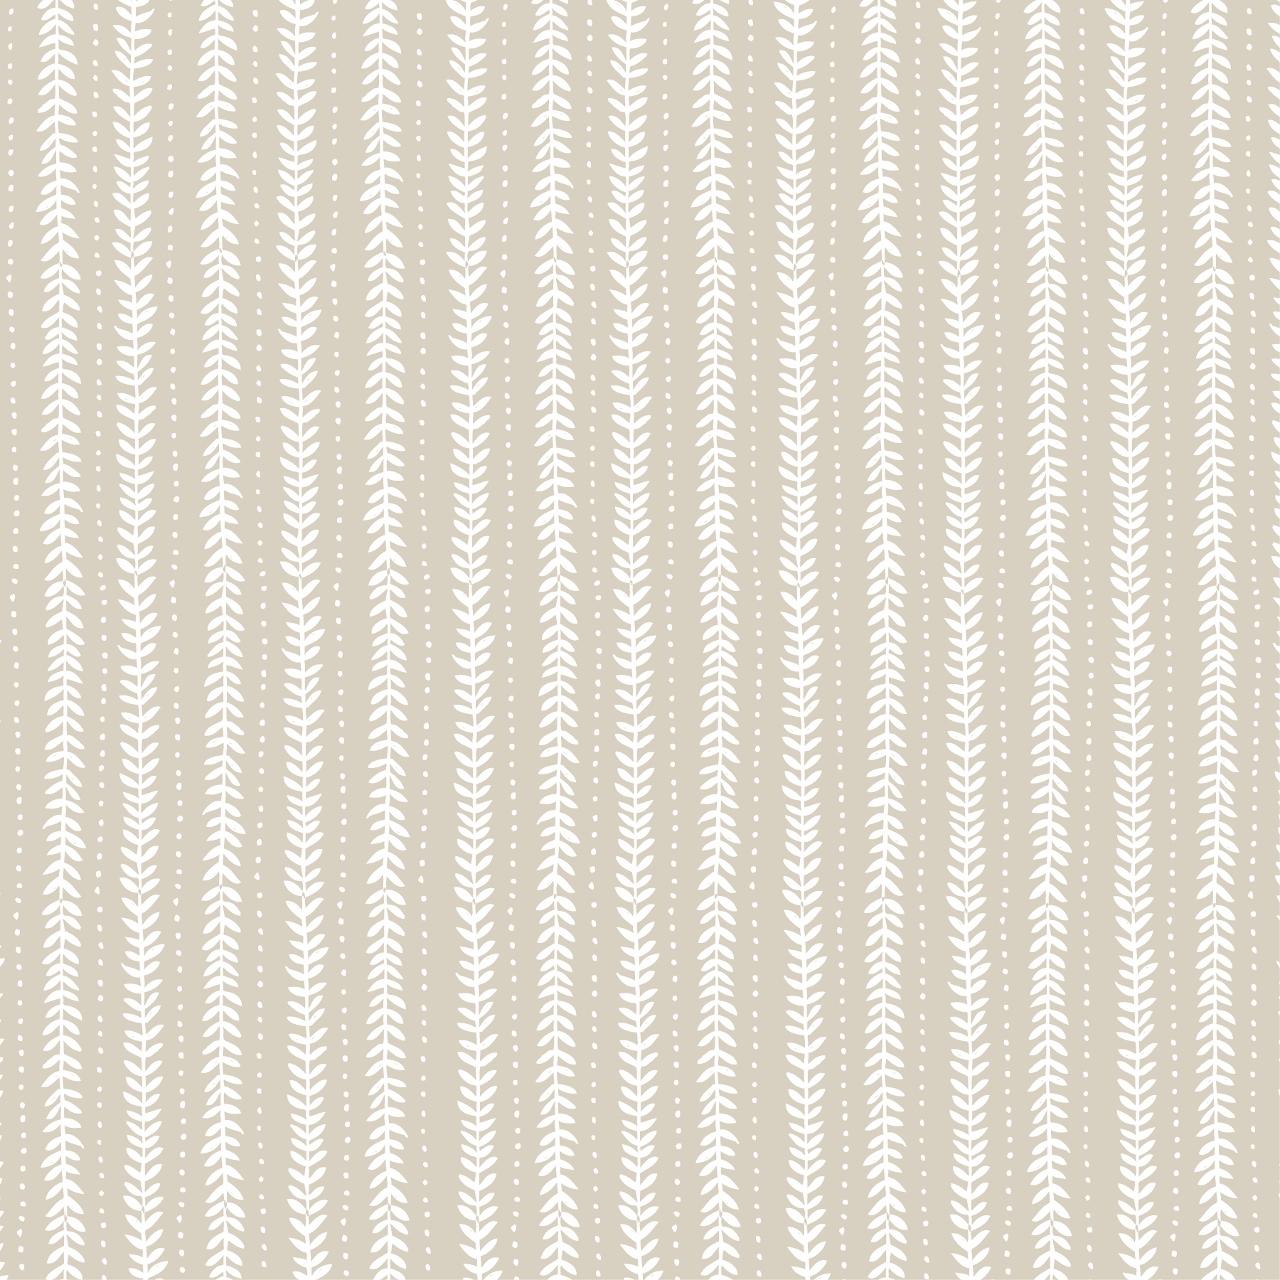 Herbalist Patterns Color 2-02 (1280x1280).jpg